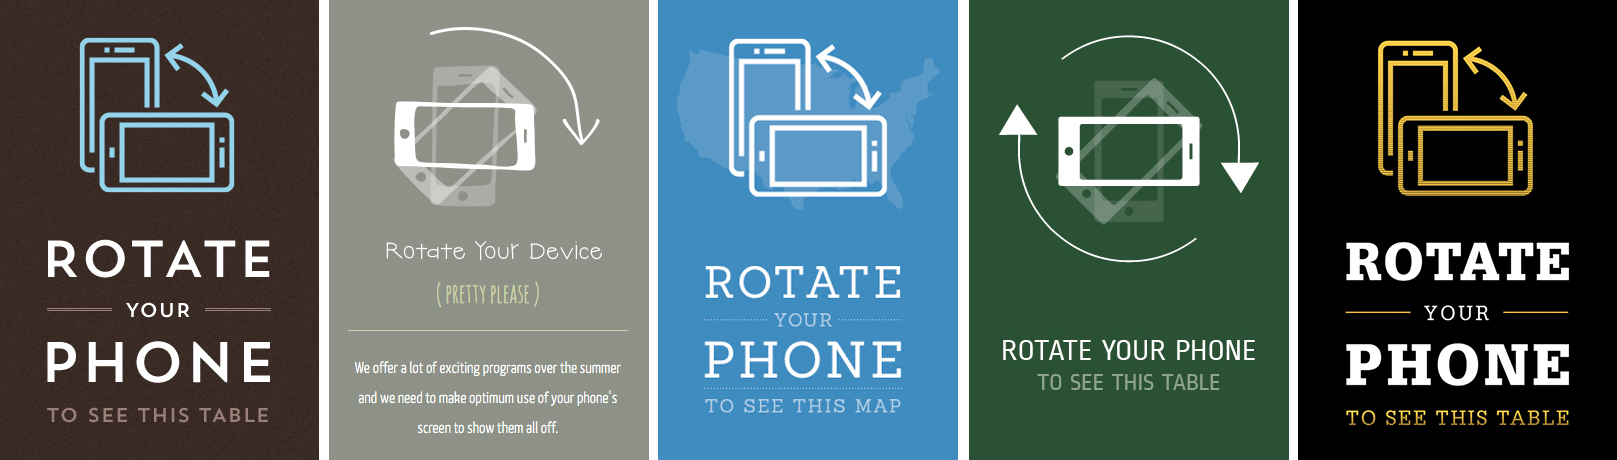 rotate-phone-graphics.jpg